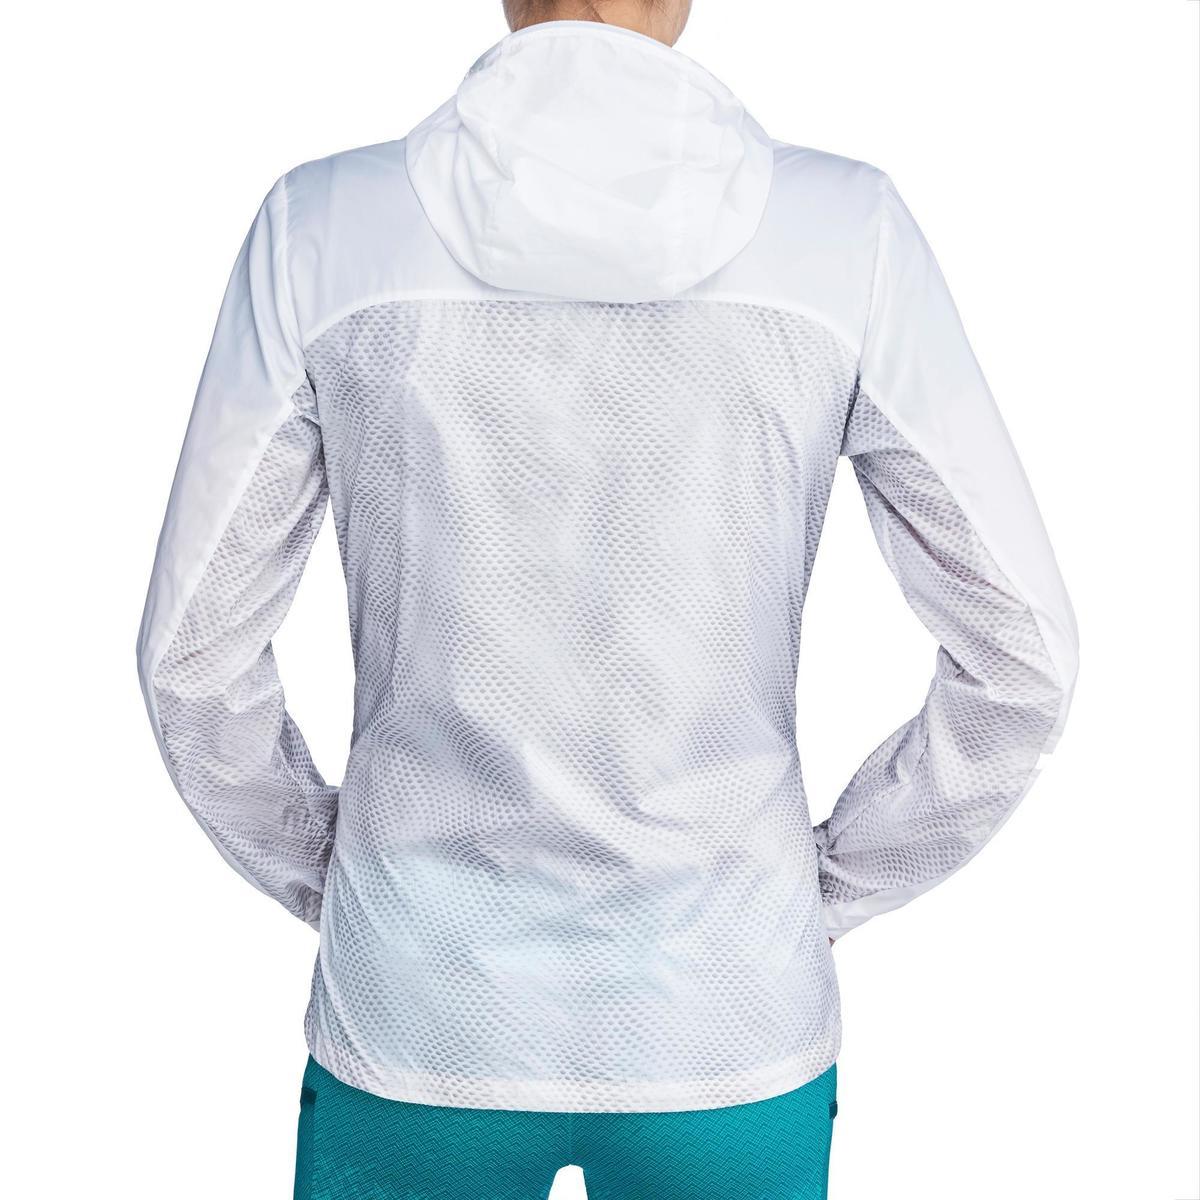 Bild 4 von Windjacke Speed-Hiking FH500 Helium Damen weiß